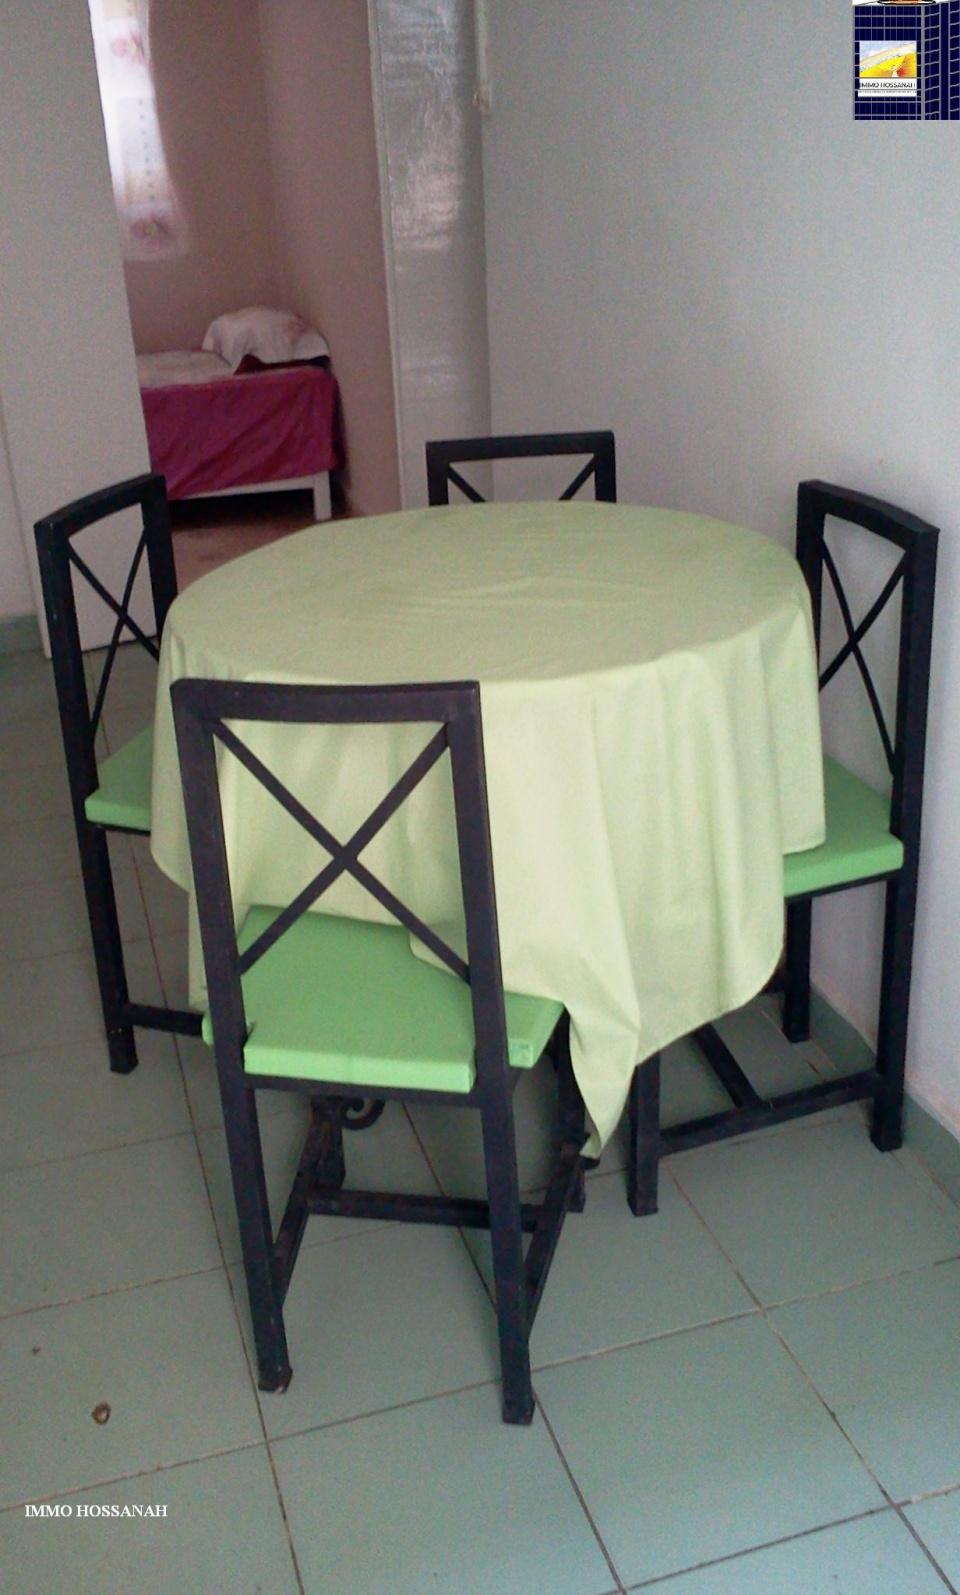 Bienvenue sur votre Agence Immobilière IMMO HOSSANAH , nous vous invitons à visiter notre Site Web :www.immohossanah.com <br />APPARTEMENT T3 CONFORT MEUBLE A LOUER A OUEST ANTANIMORA Réf:LAM 3010999<br />Appartement confort de type T3 meublé et équipé, au réez de chaussé, sis au bord de route, dans un quartier résidentiel, bien clôturé, sécurisé, comprenant :<br />_Un living avec salon,table à manger <br />_Une chambre placardée avec un lit deux places, TV<br />_Une chambre avec un lit super pose <br />_Une cuisine équipée avec frigo et réchaud à gaz..<br />_Une salle de bain avec eau chaude et toilette <br />- Compteur Eau et électricité indépendant <br />Loyer par mois en Ariary :650 000 <br />IMMO HOSSANAH - Agence Immobilière <br />_Droit première visite : 10 000Ar Après la première visite seront gratuites<br />_Honoraire d'agence : (-)1 mois 25%25 ,(+)1 mois 75%25 du loyer mensuel, payable au comptant à la signature du bail<br />Telephone: 00 26133 91 834 98<br />Site Web :www.group.hossanah.com <br />Email: immohossanah@gmail.com<br />Facebook:IMMO HOSSANAH <br />Adresse:V24 Alasora Antananarivo Madagascar